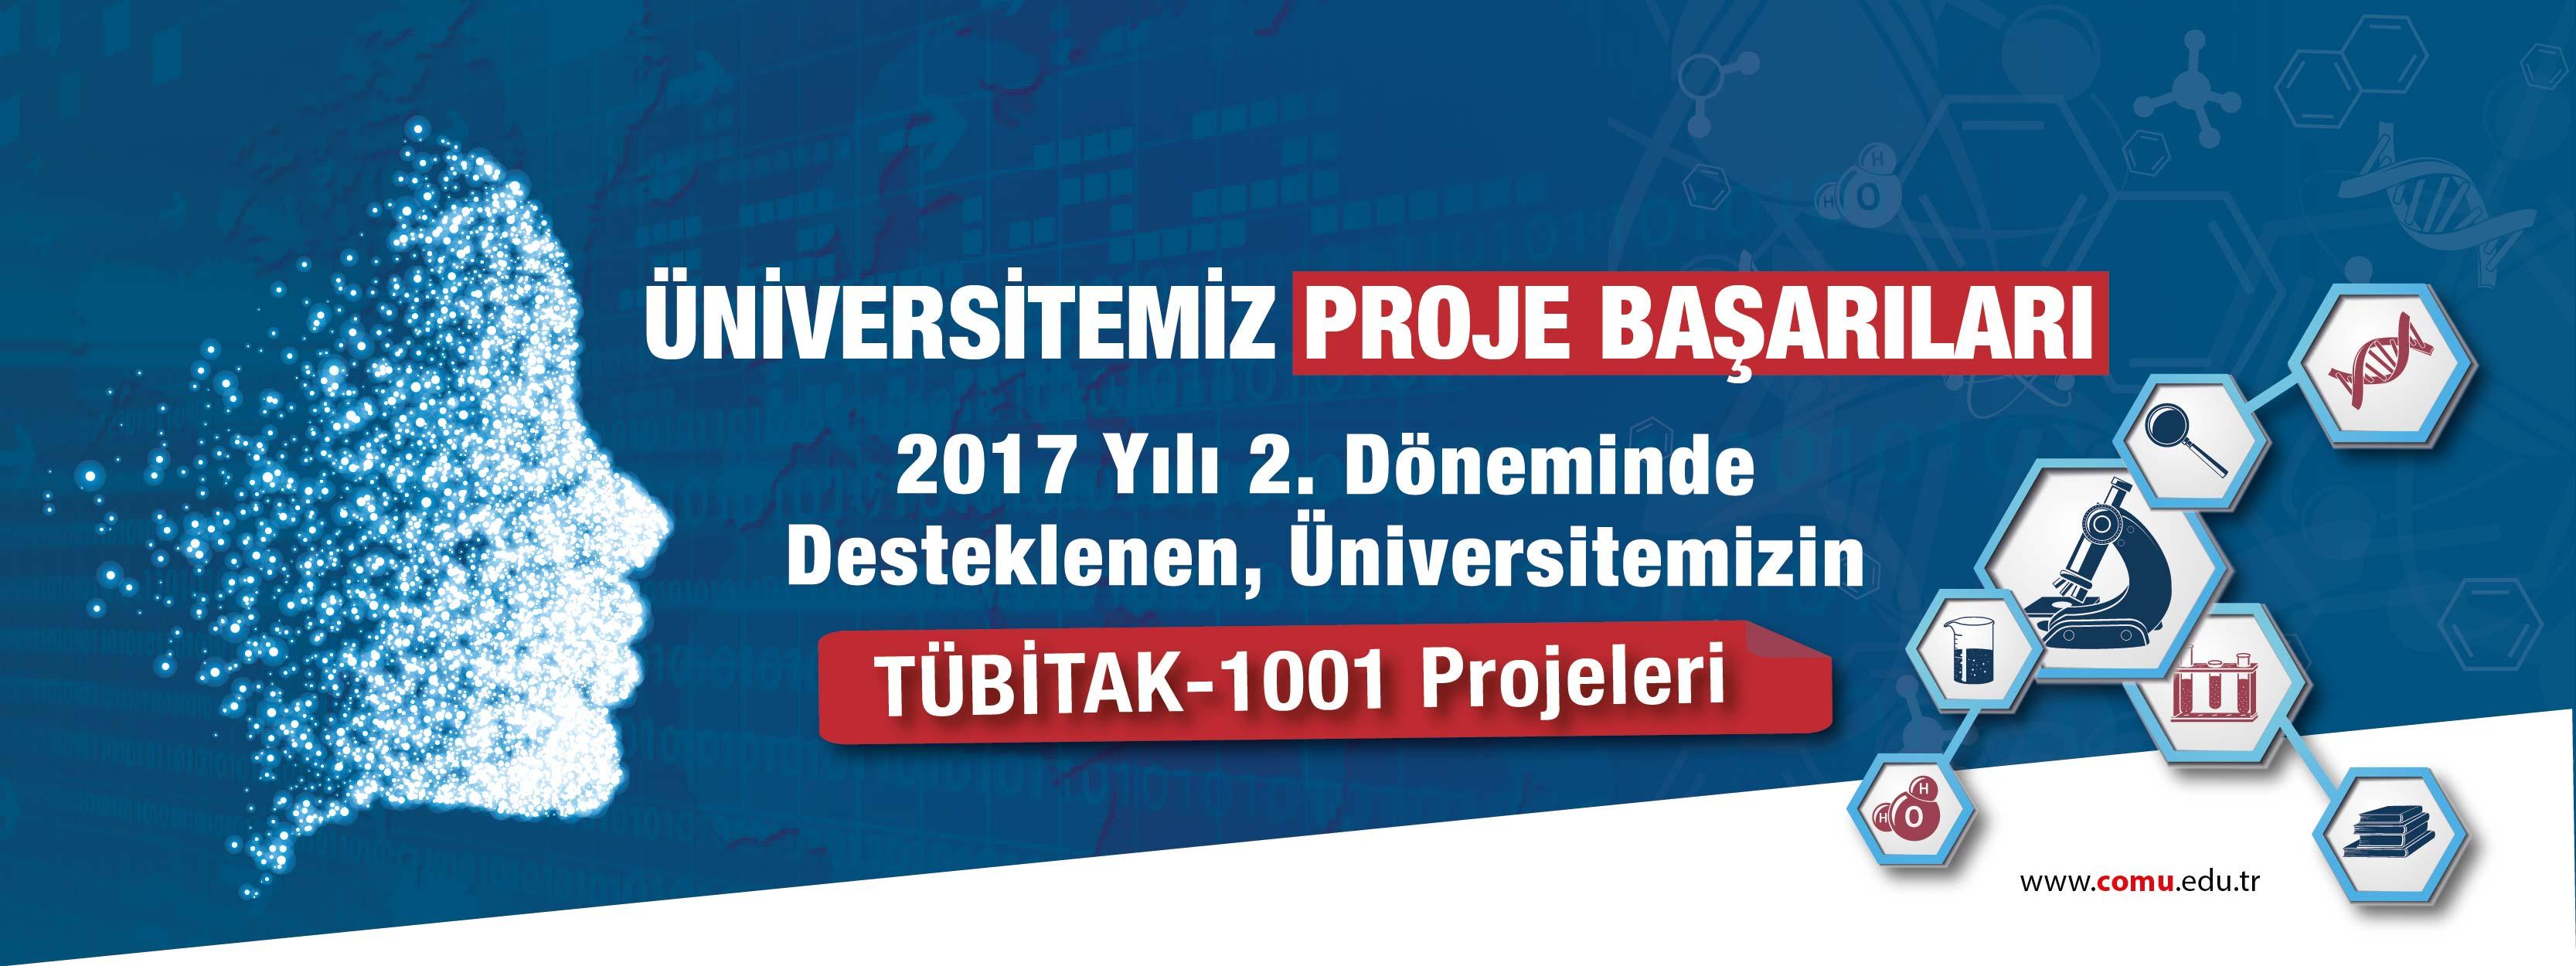 2017 Yılı 2. Döneminde Desteklenen, Üniversitemizin TÜBİTAK-1001 Projeleri